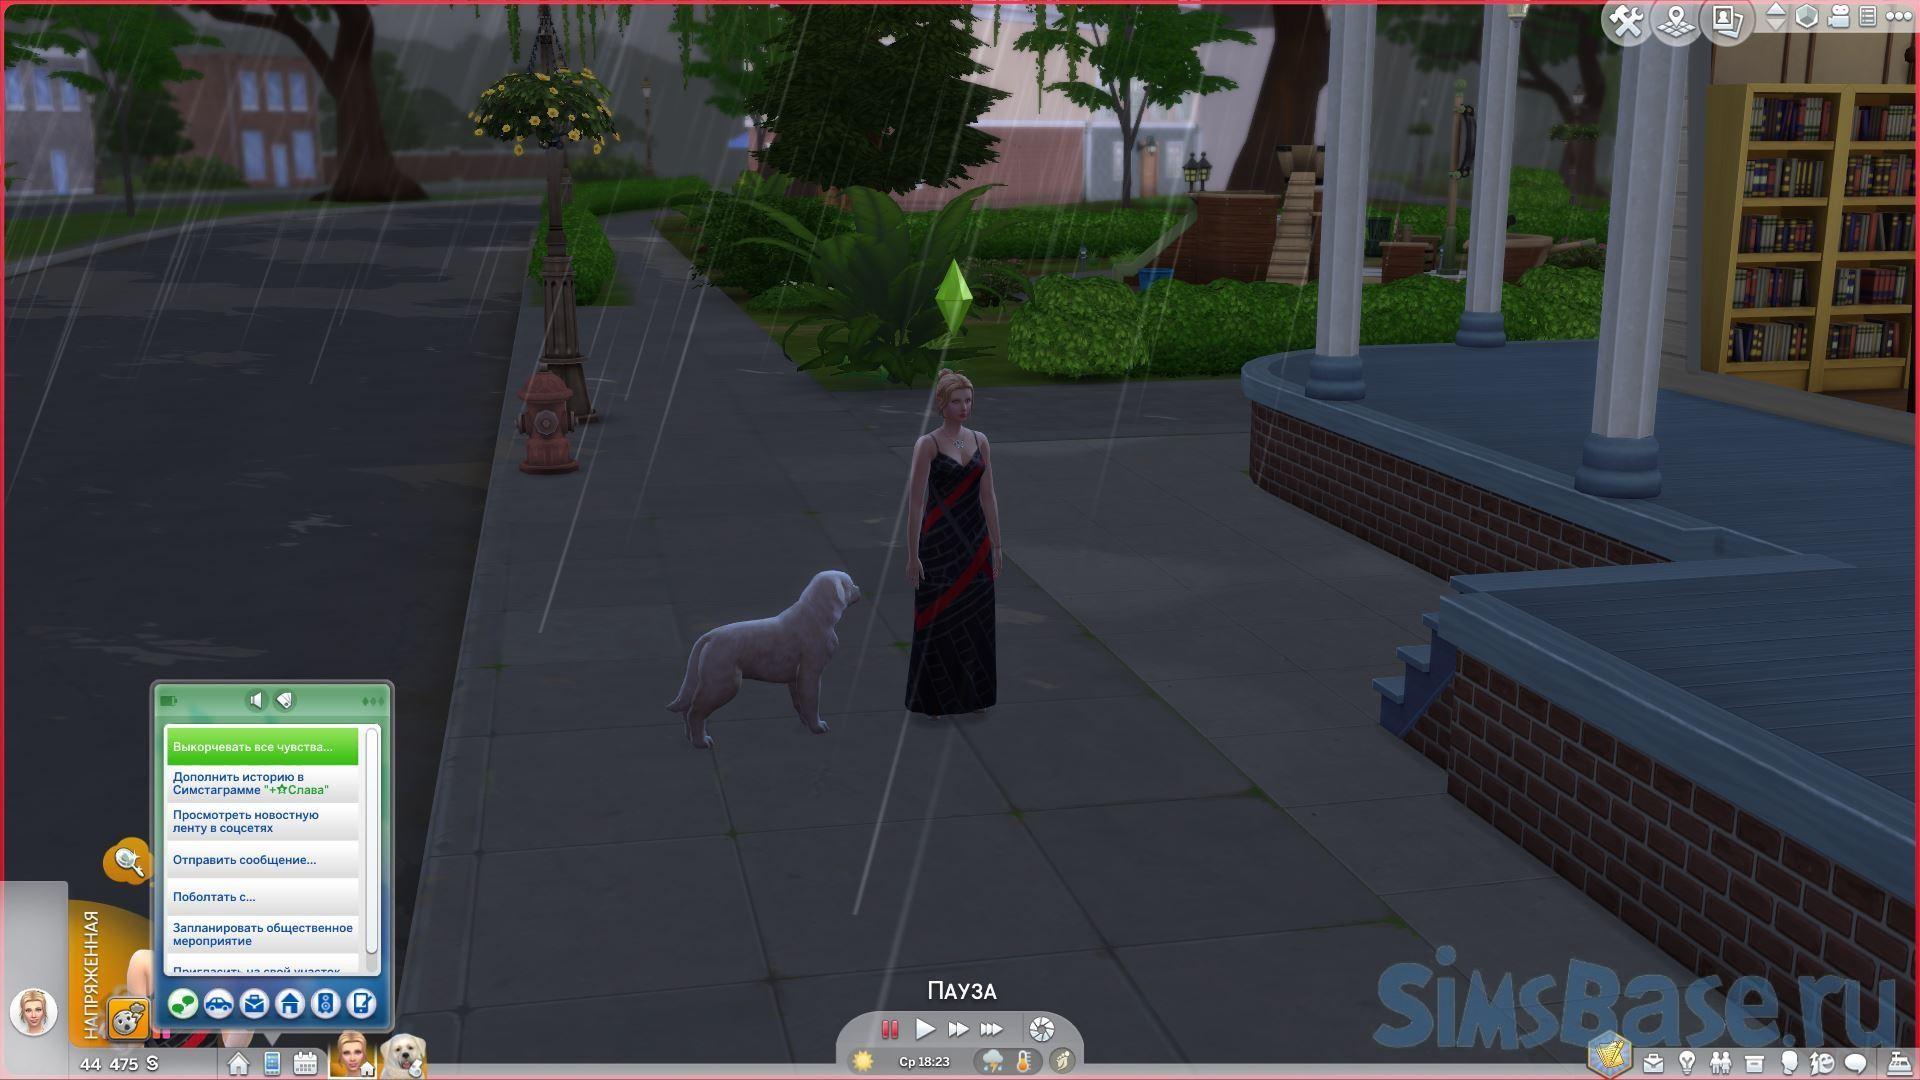 Мод «Удаление отношений через смартфон» от ShuSanR для Sims 4